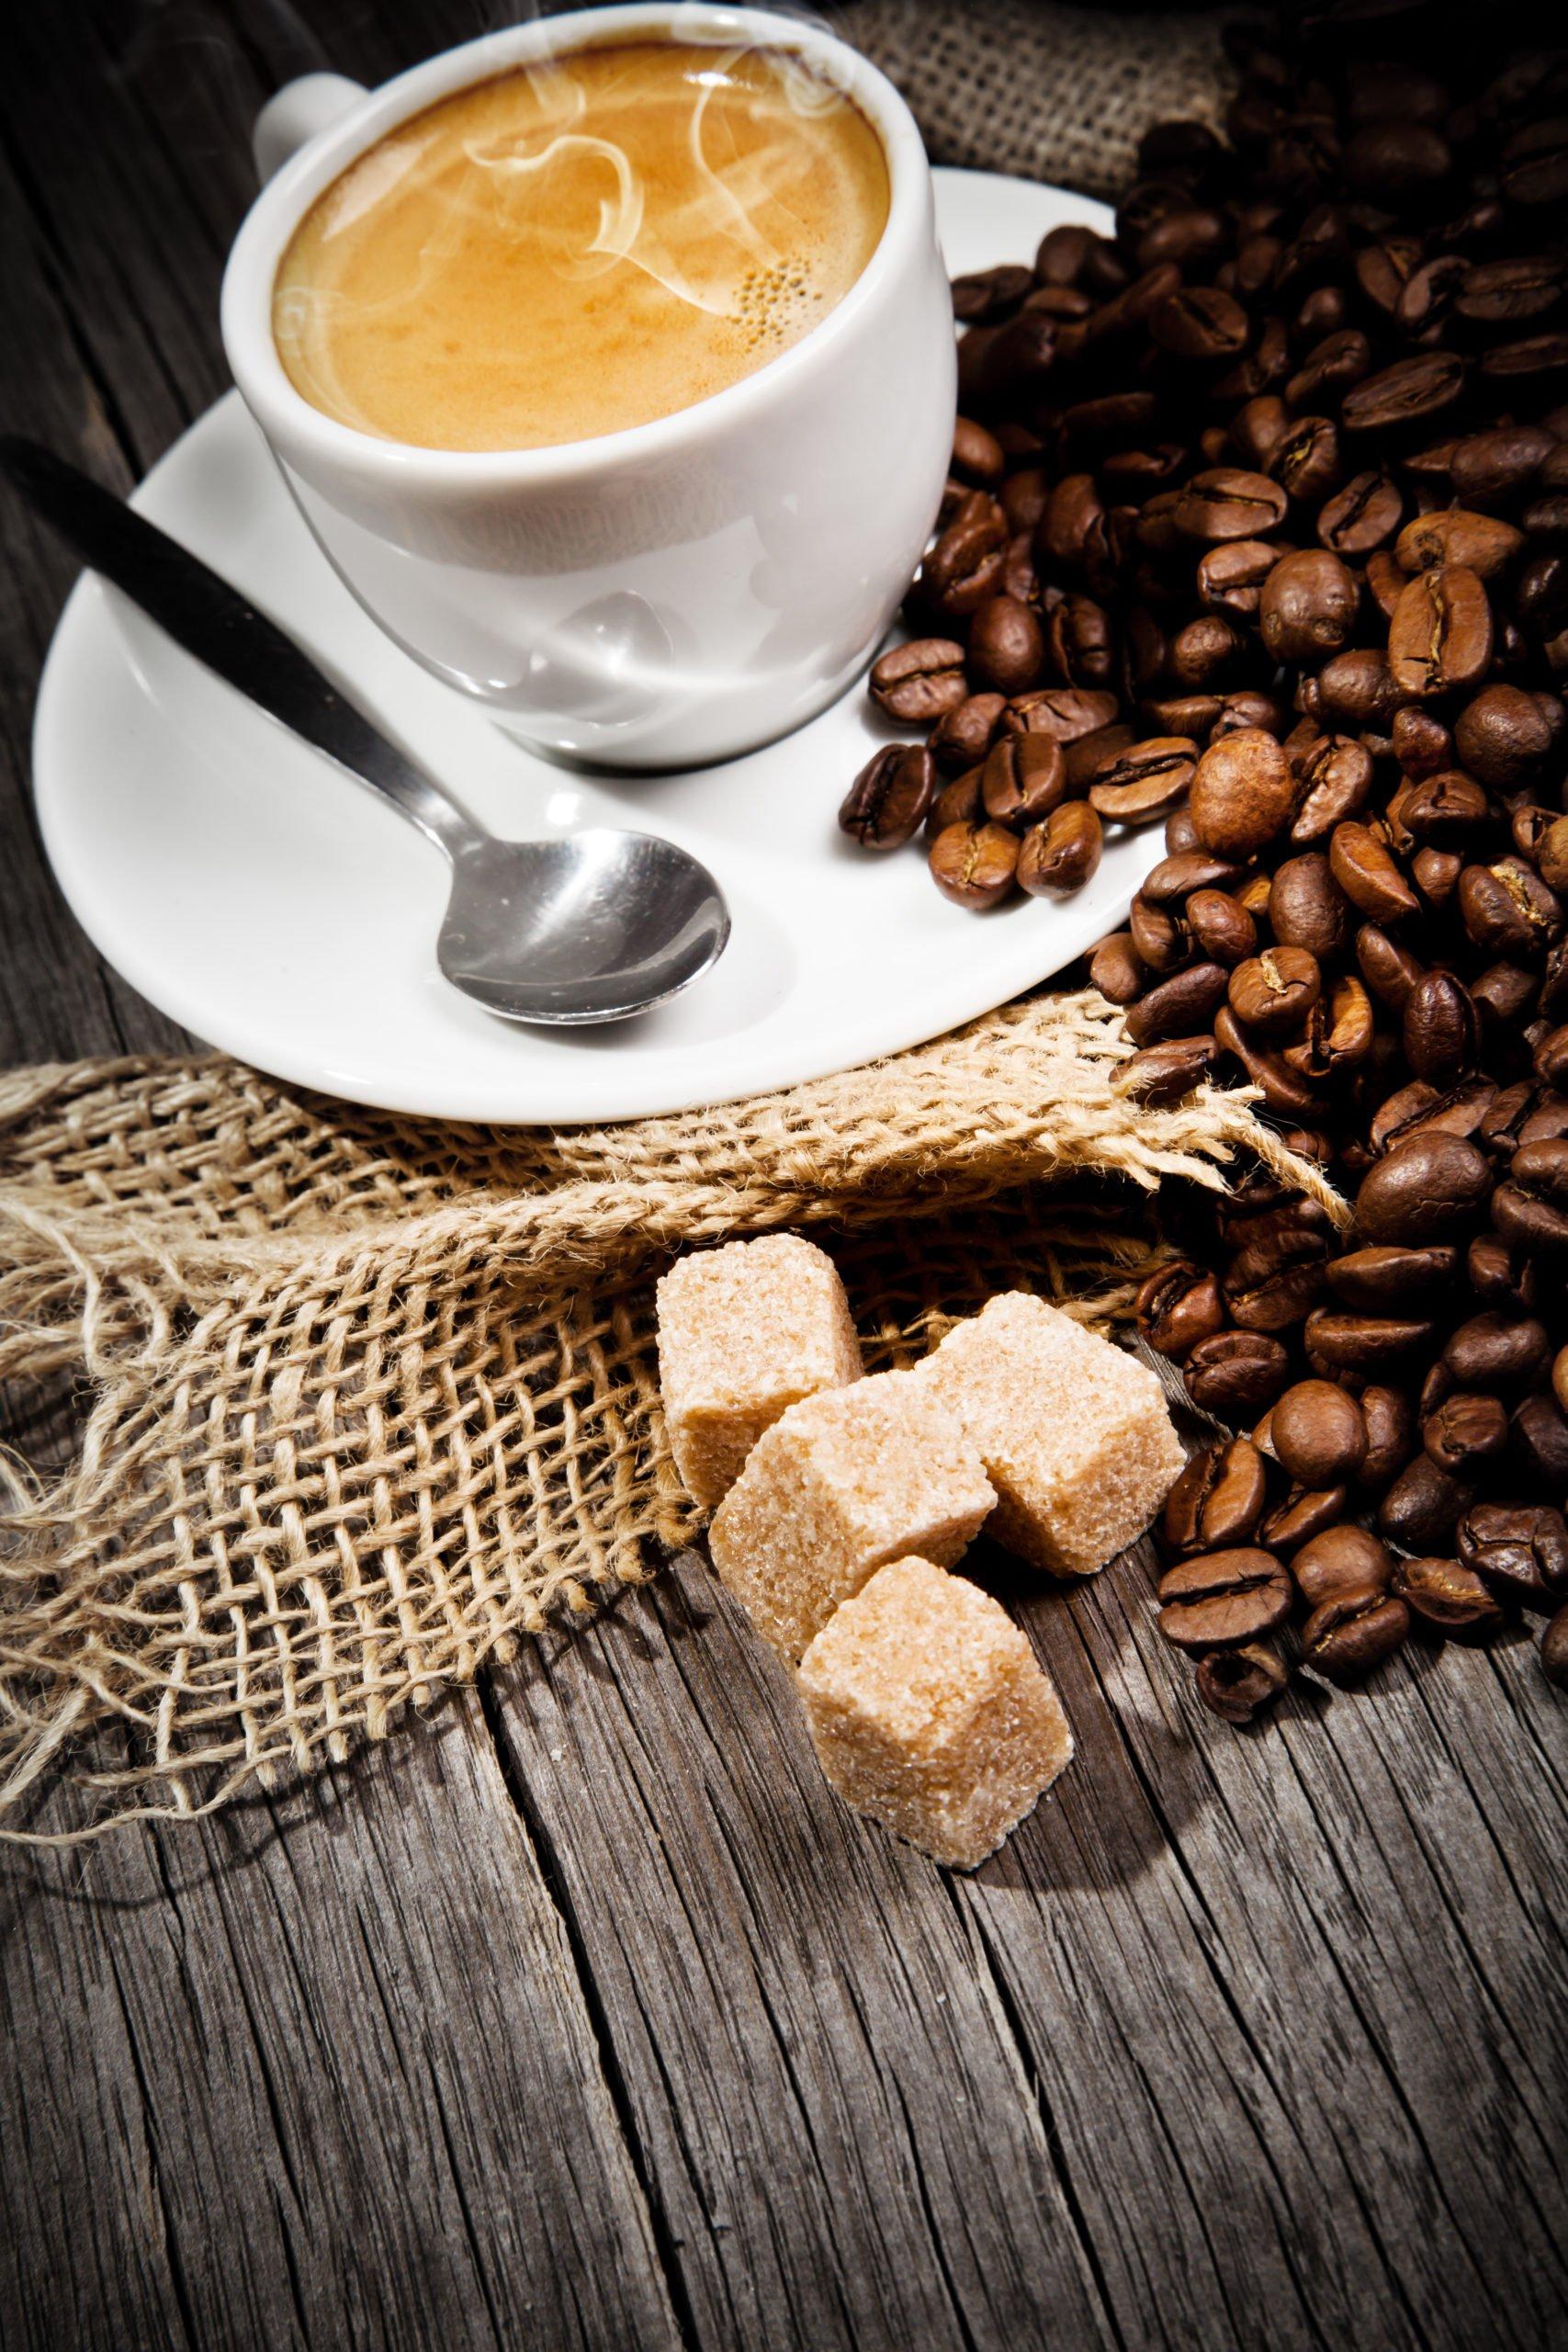 Die Zubereitung als wichtiger Ausgangspunkt für den Kaffeegeschmack